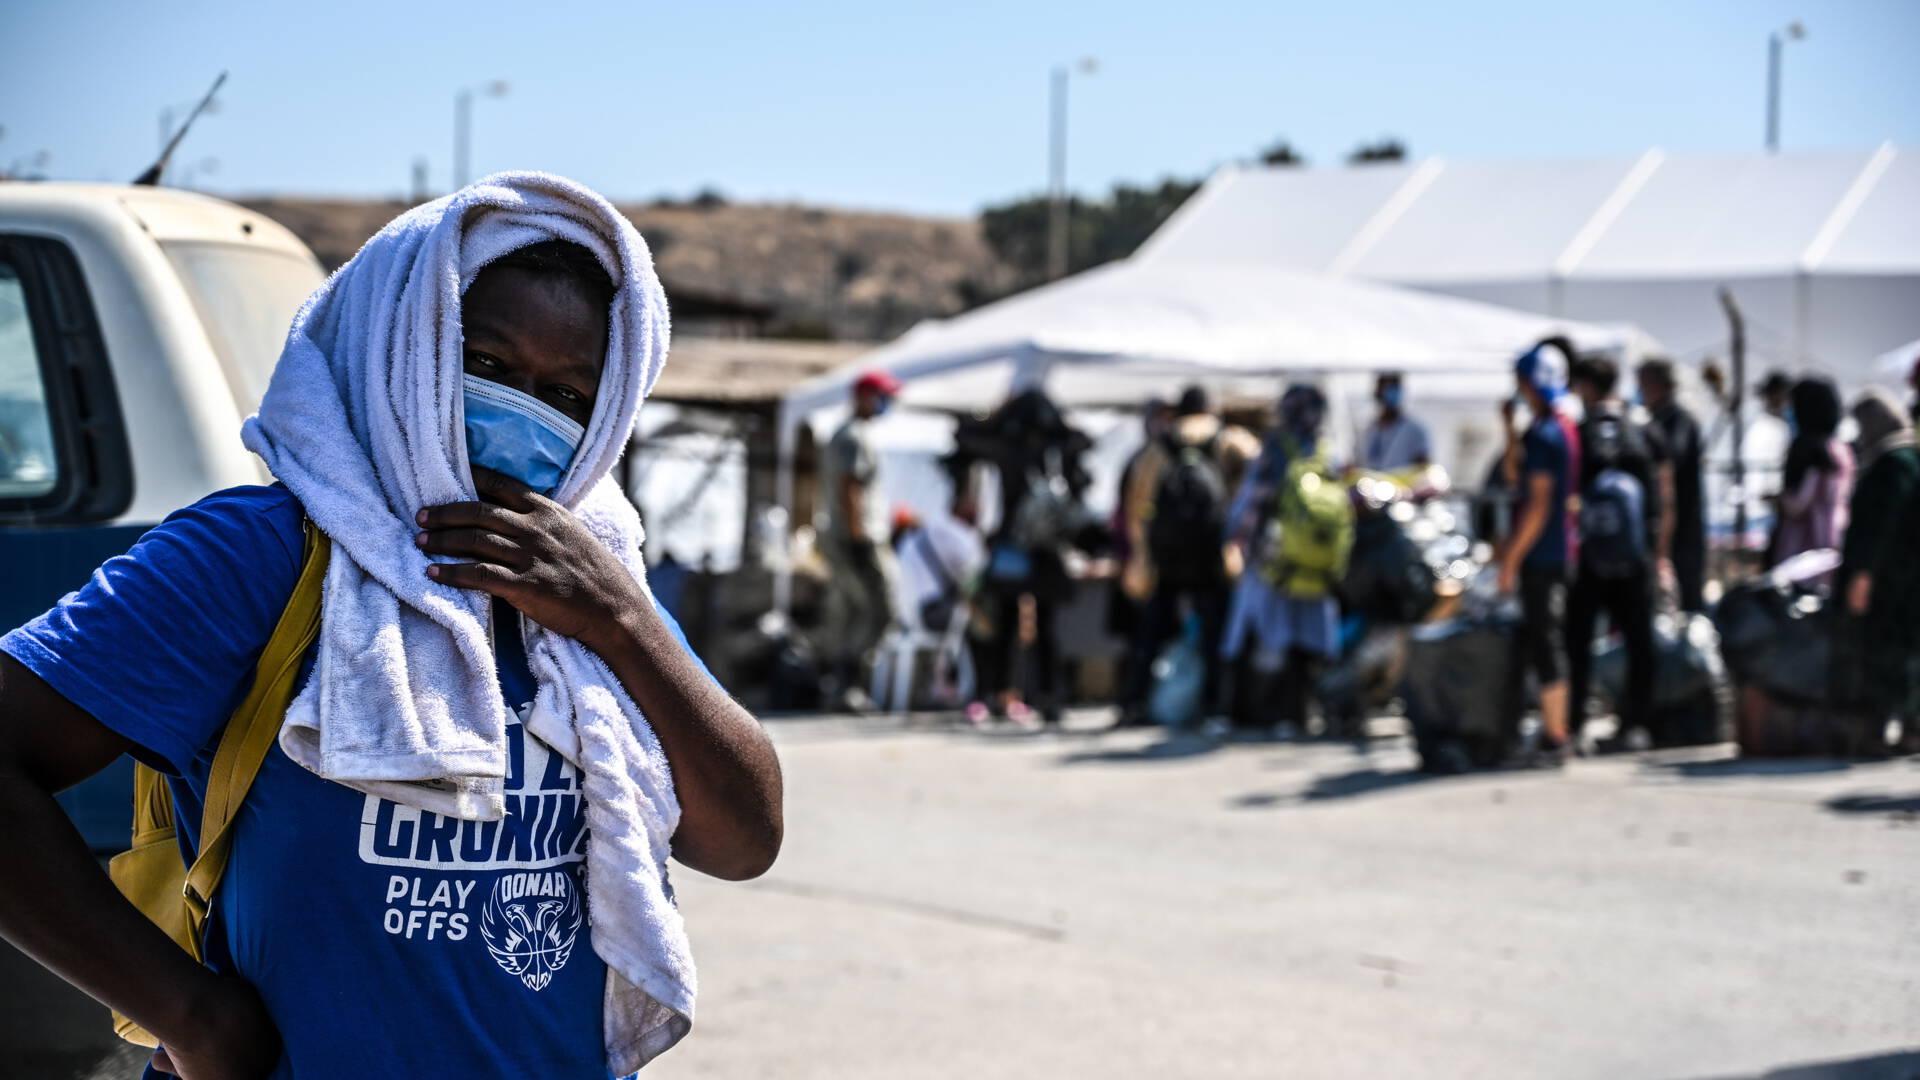 يجب على IND إجراء المزيد من البحث في أعمار طالبي اللجوء القاصرين